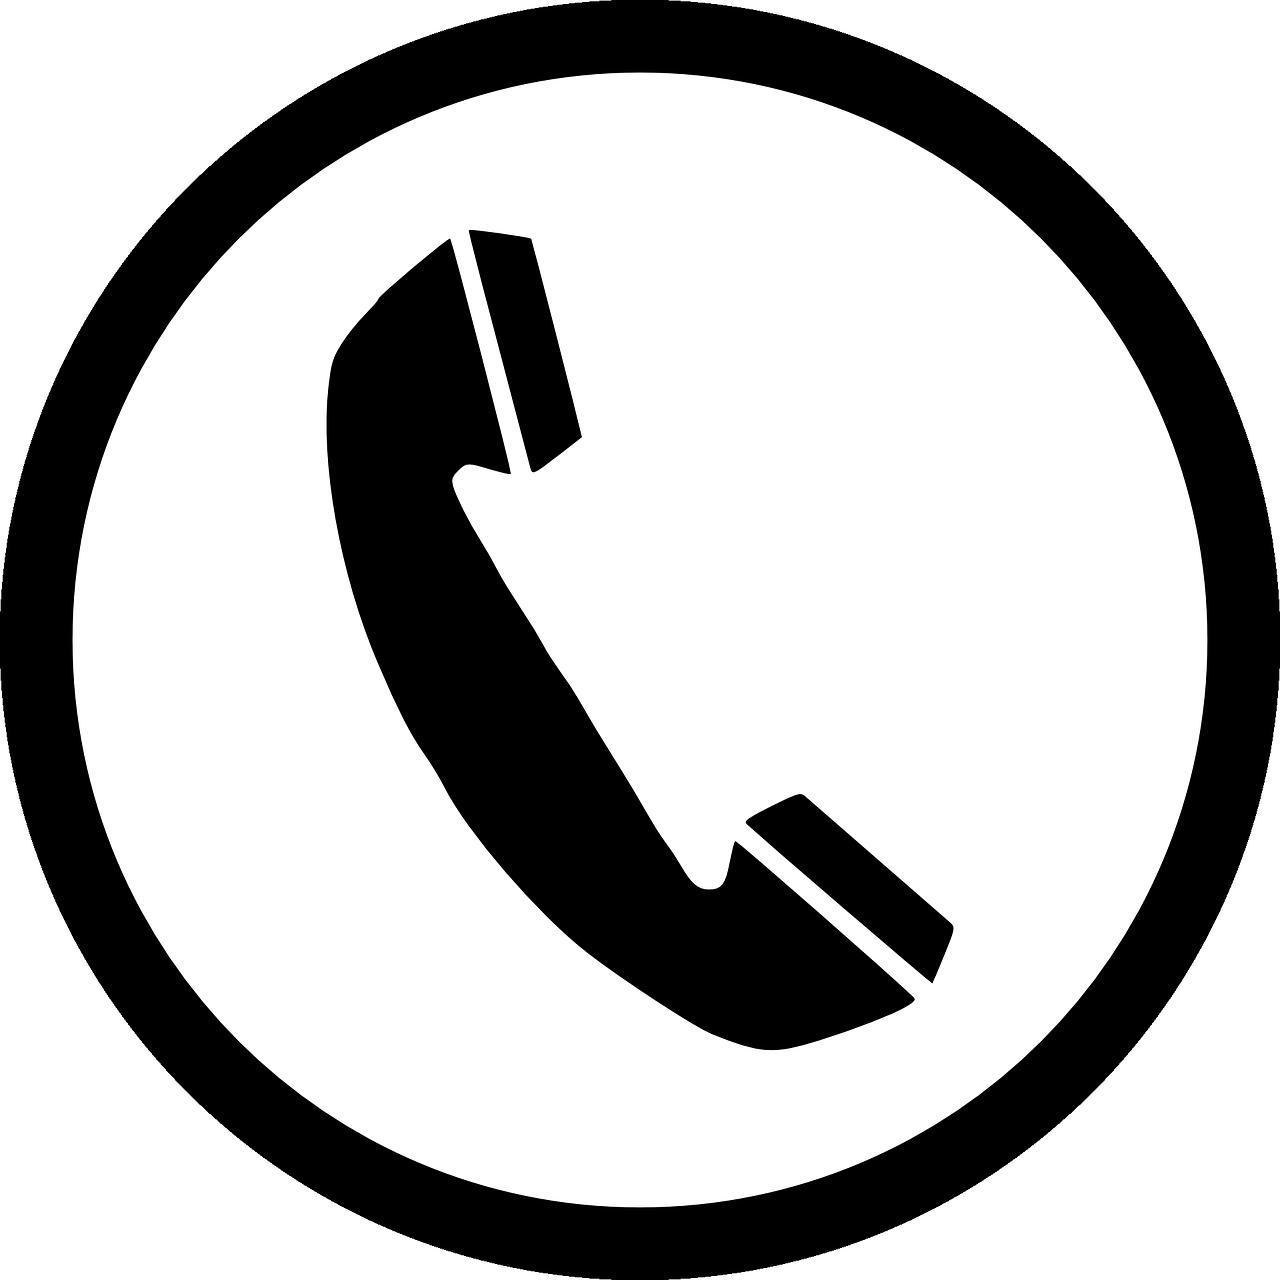 Free Image on Pixabay Phone, Telephone, Communication in